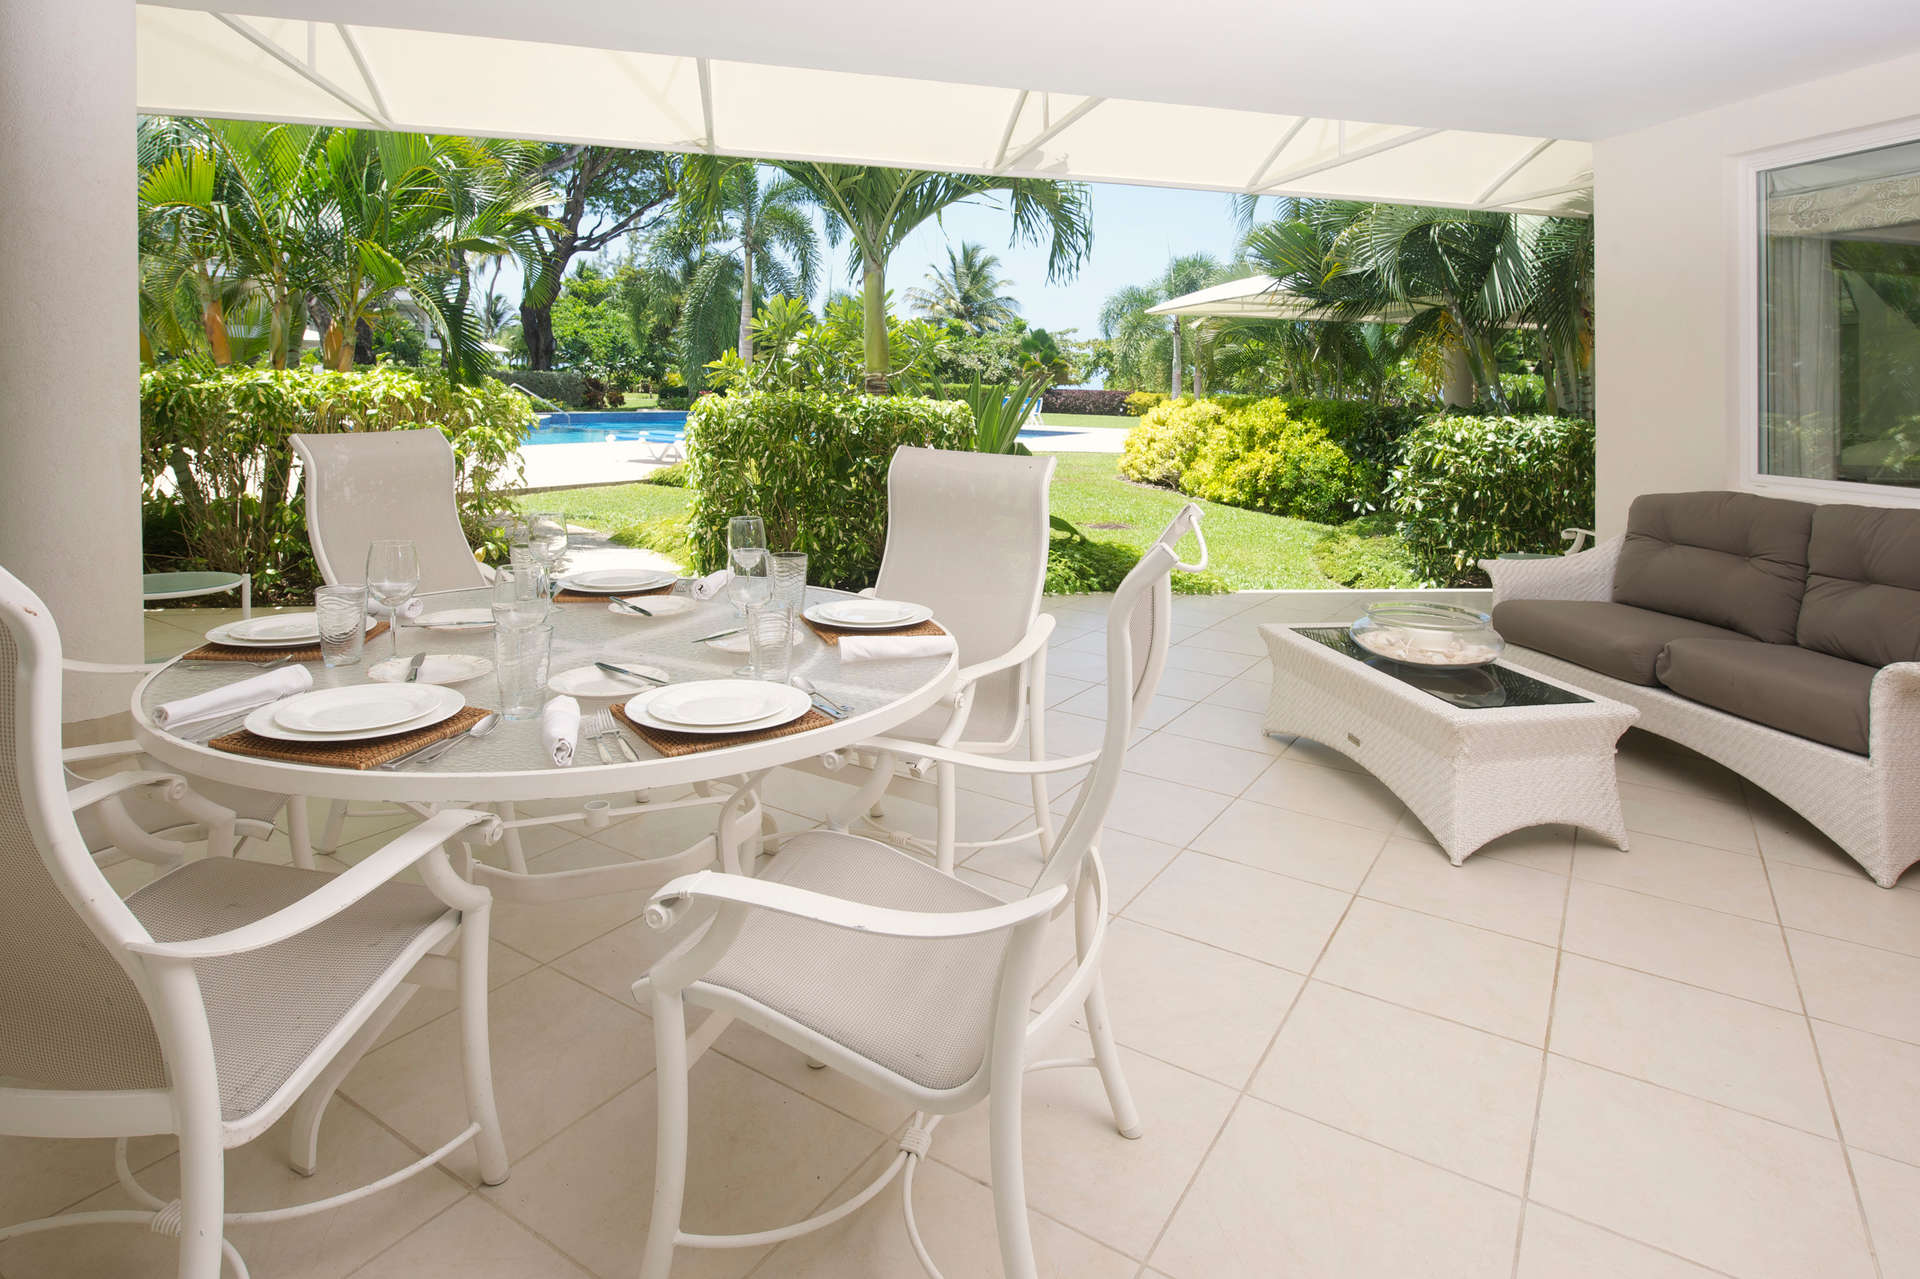 Luxury villa rentals caribbean - Barbados - Christ church - Hastings barbados - 110 | Palm Beach Condos - Image 1/11